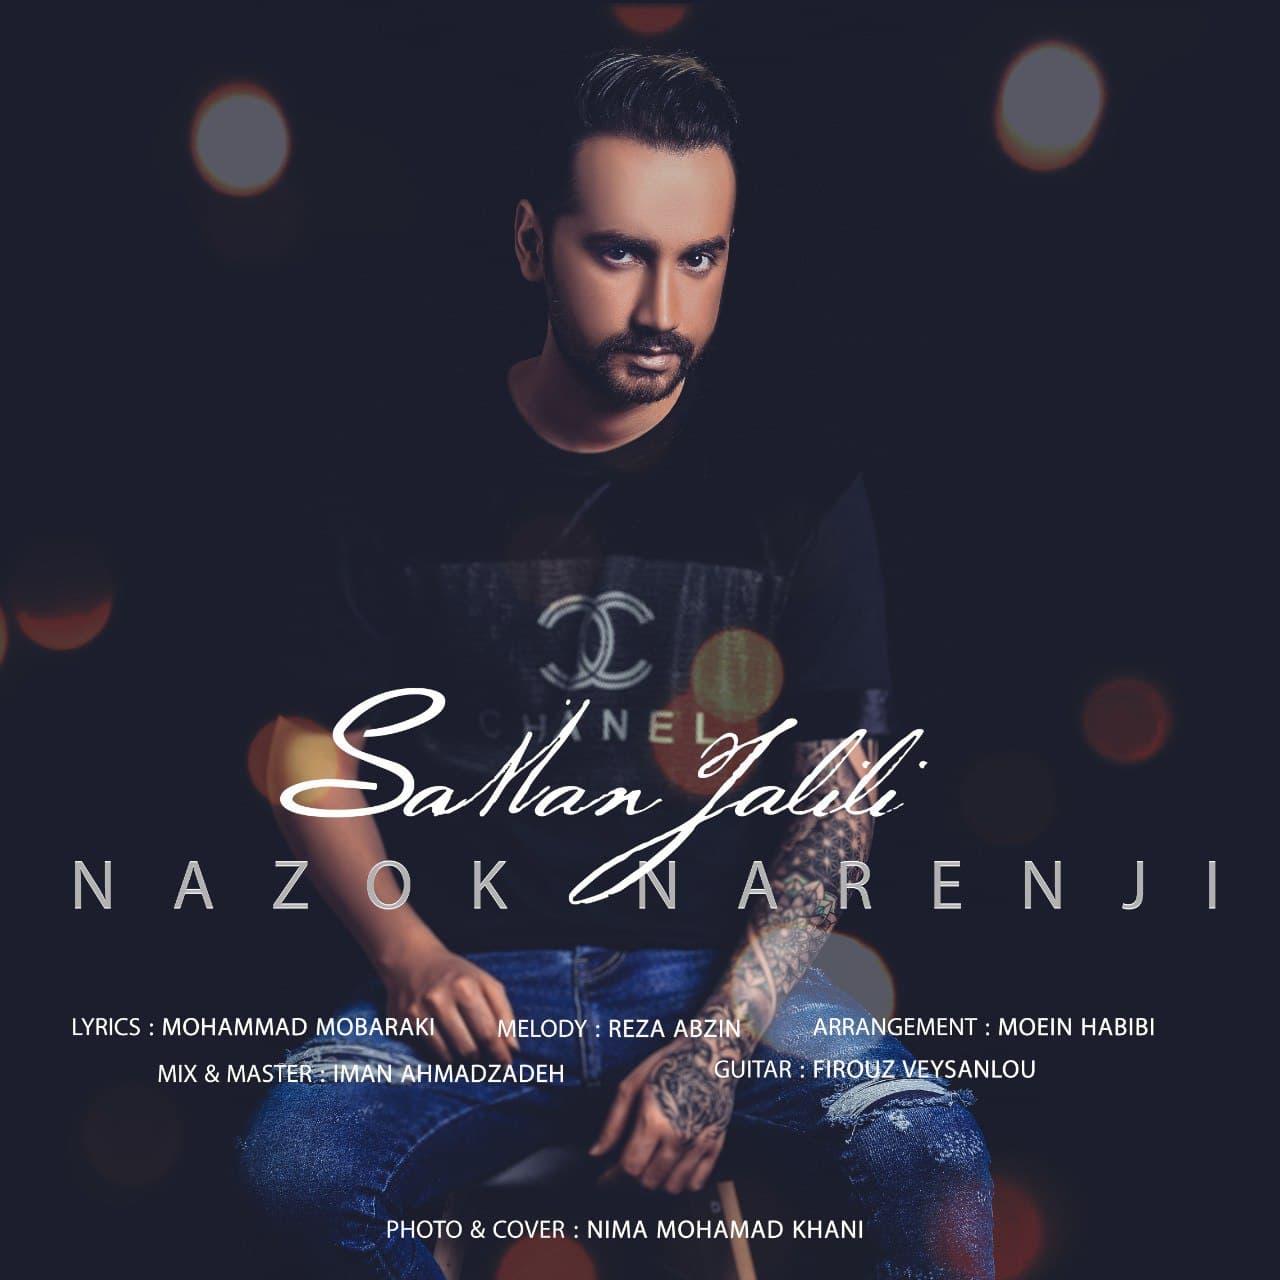 دانلود موزیک جدید نازک نارنجی از سامان جلیلی